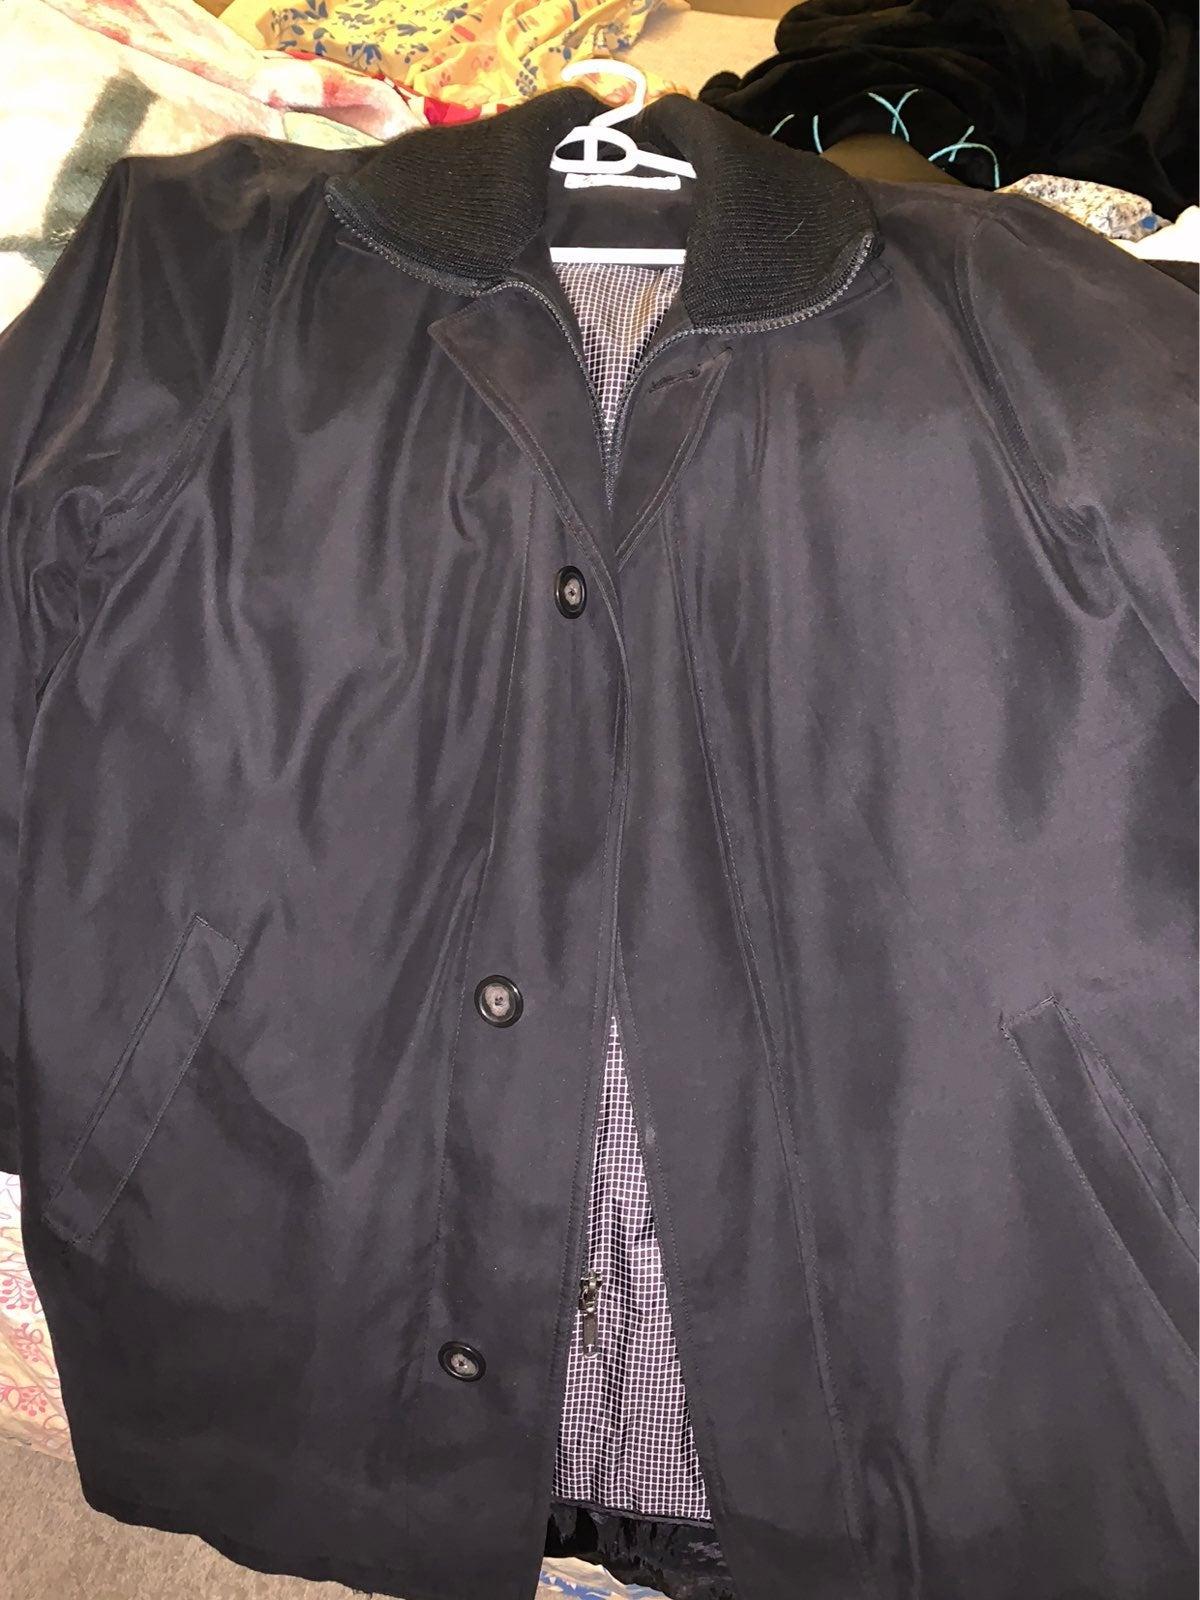 Geoffrey Beene formal overcoat (Size S)